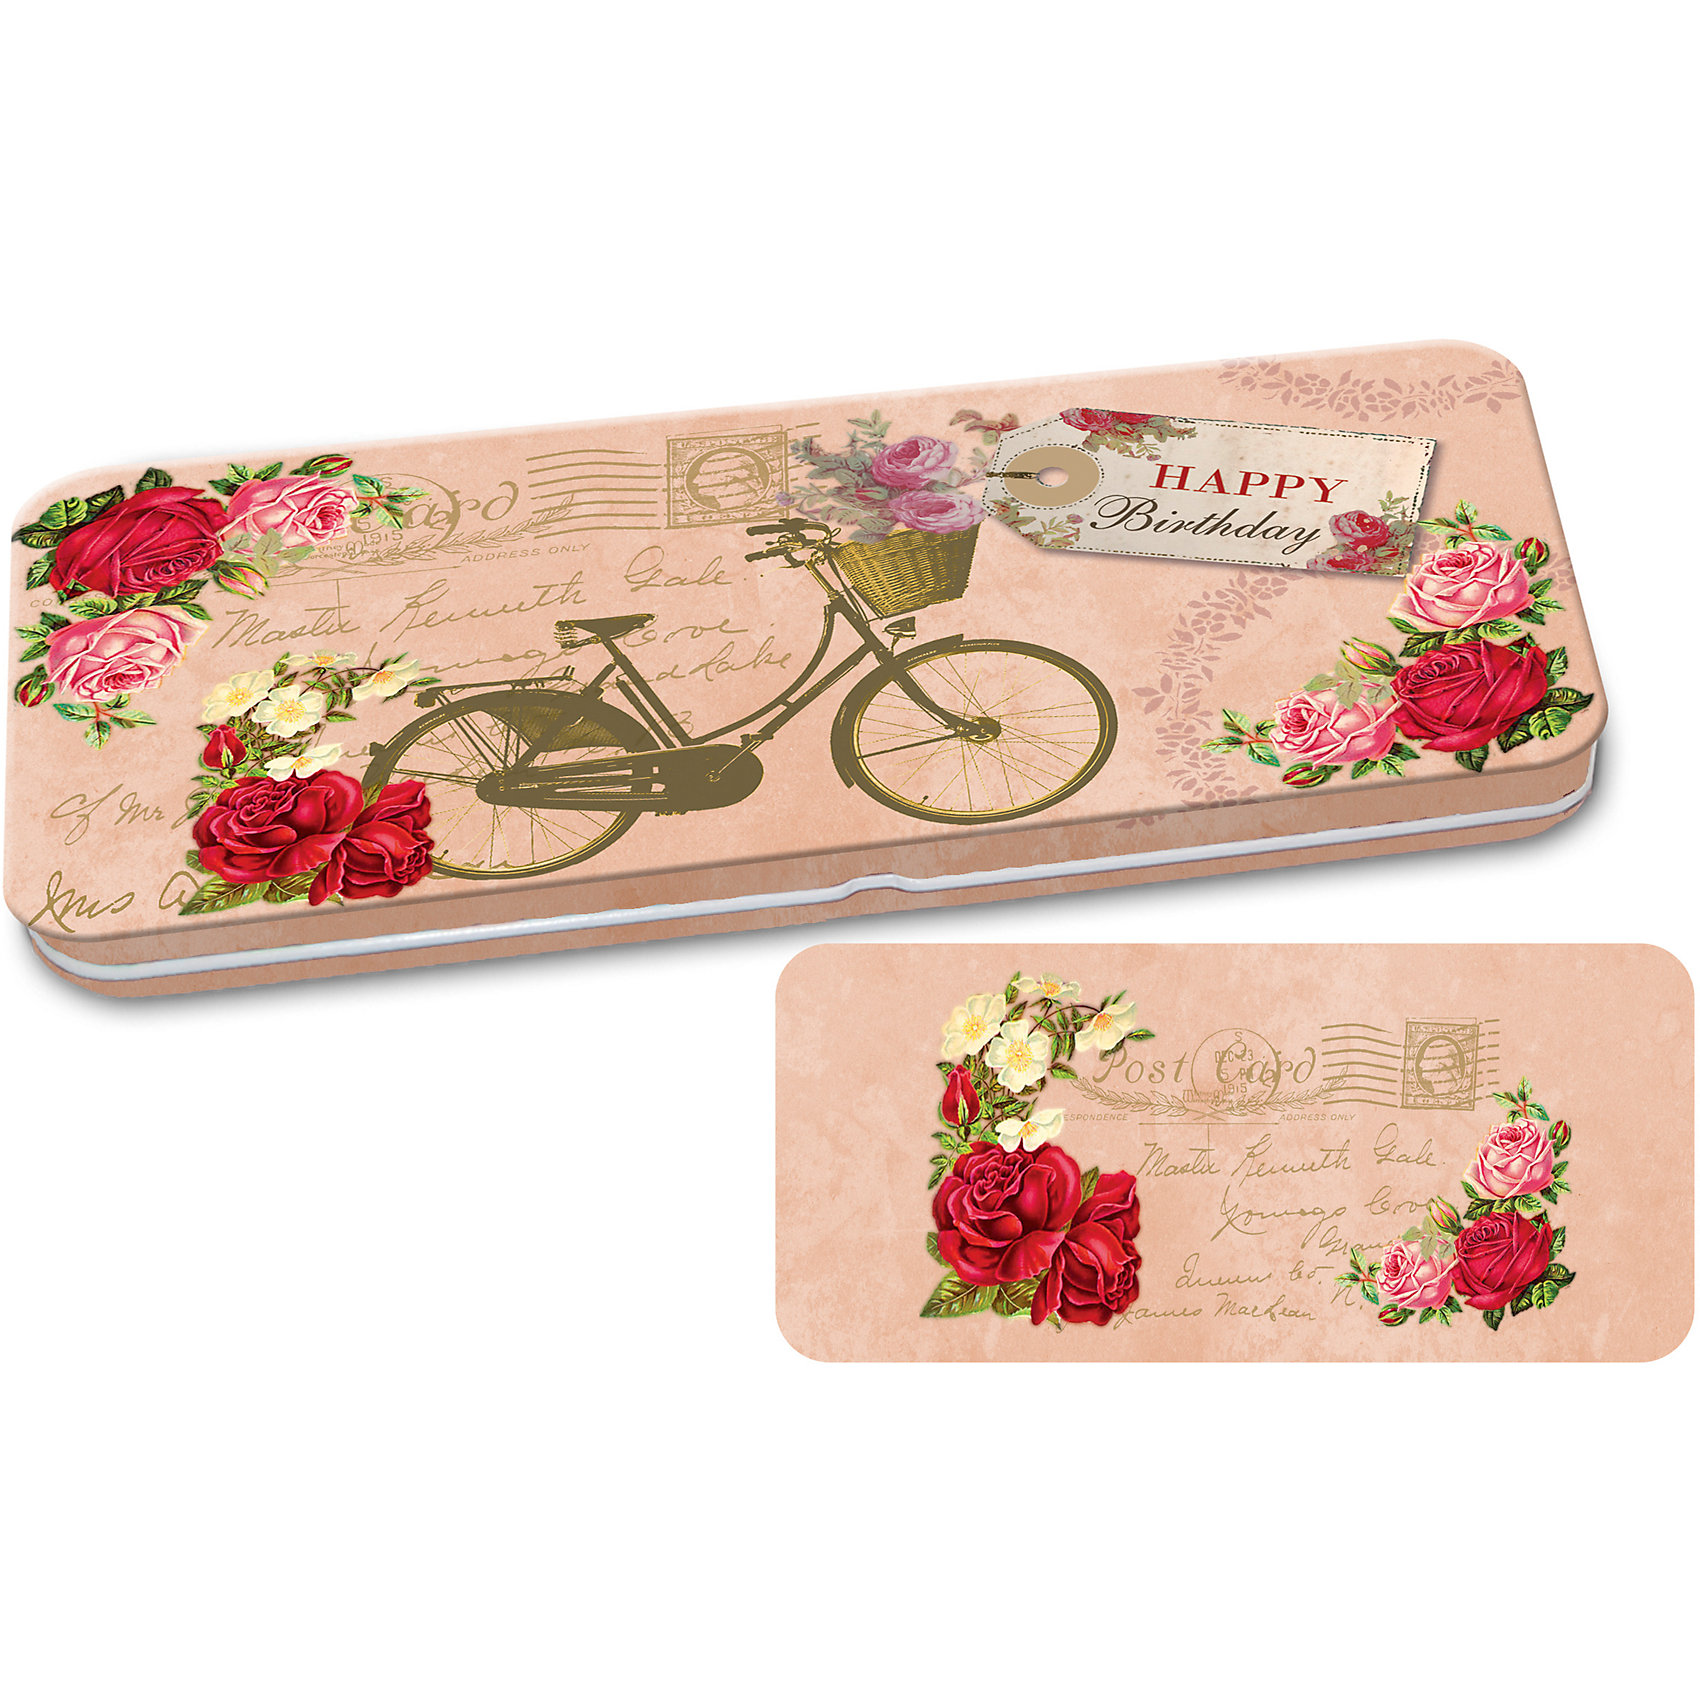 Конверт подарочный металлический для денег Велосипед, Феникс-ПрезентПредметы интерьера<br>Конверт подарочный металлический для денег Велосипед, Феникс-Презент<br><br>Характеристики:<br><br>• сделает денежный подарок запоминающимся<br>• яркий дизайн<br>• тип застежки: защелка<br>• размер: 16,6х7,6х1 см<br>• материал: металл<br><br>Металлический подарочный конверт с ярким дизайном придаст подарку оригинальности. Такой замечательный подарок получатель запомнит надолго! Конверт изготовлен из окрашенного металла и оформлен ярким изображением велосипеда на фоне цветов и надписью Happy birthday. Этот конверт идеально подойдет для подарка на день рождения!<br><br>Конверт подарочный металлический для денег Велосипед, Феникс-Презент вы можете купить в нашем интернет-магазине.<br><br>Ширина мм: 166<br>Глубина мм: 76<br>Высота мм: 10<br>Вес г: 560<br>Возраст от месяцев: 36<br>Возраст до месяцев: 2147483647<br>Пол: Унисекс<br>Возраст: Детский<br>SKU: 5449629